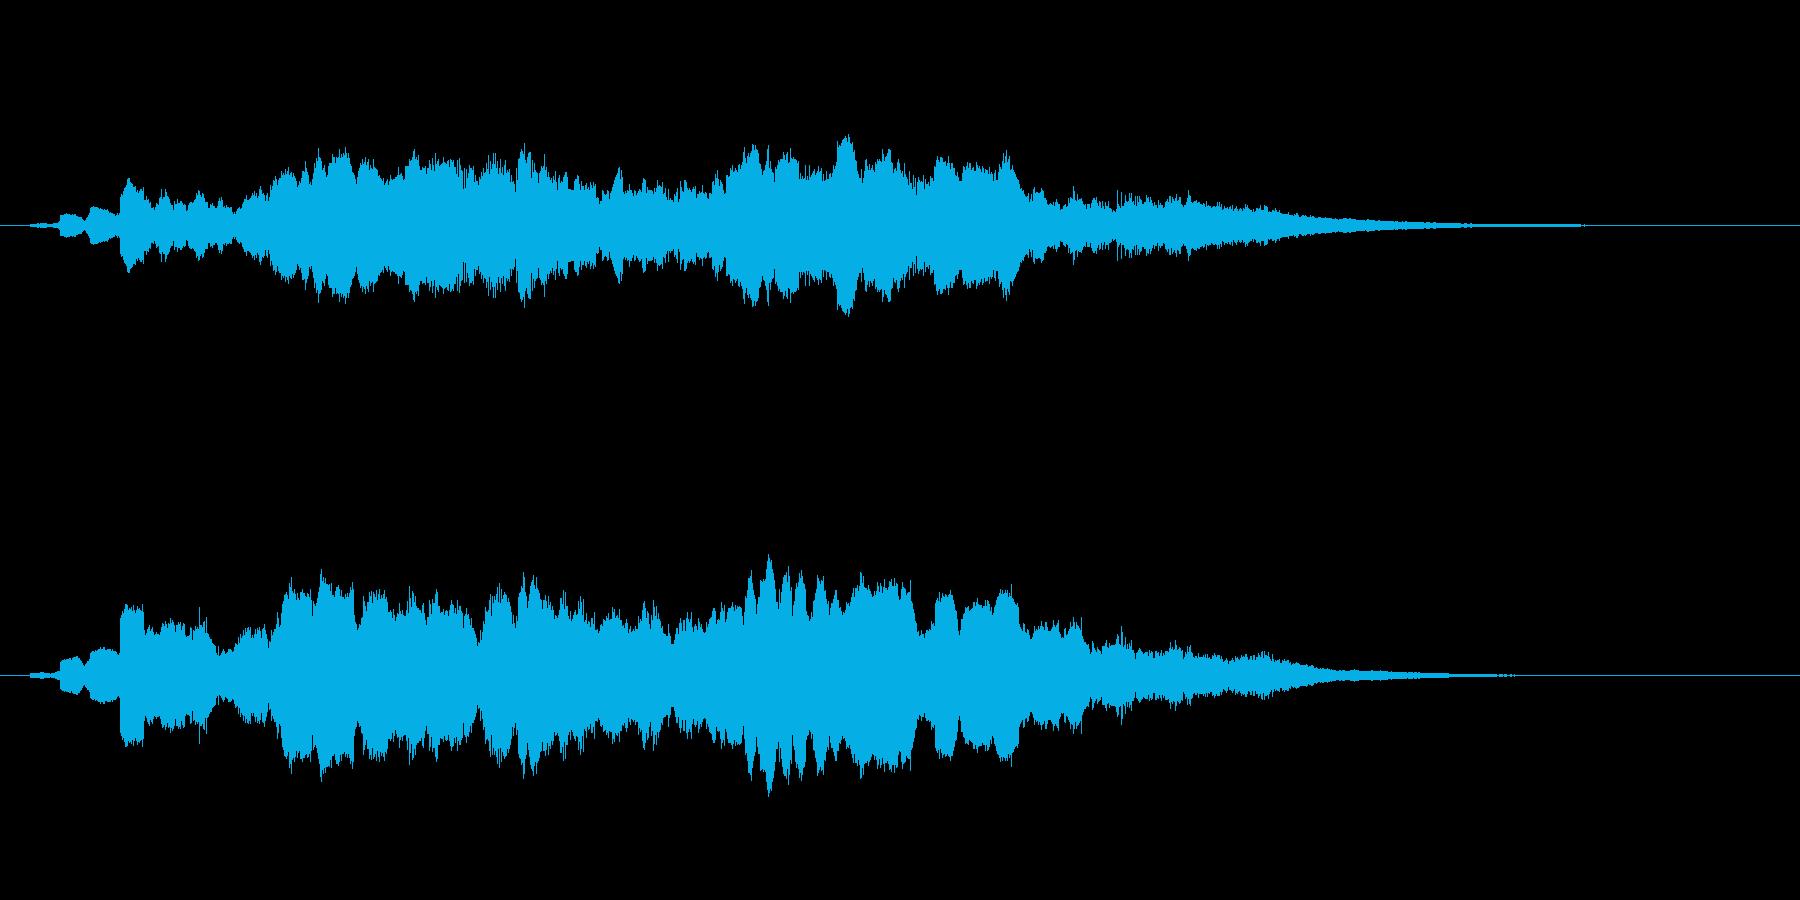 怖い感じのするサウンドの再生済みの波形